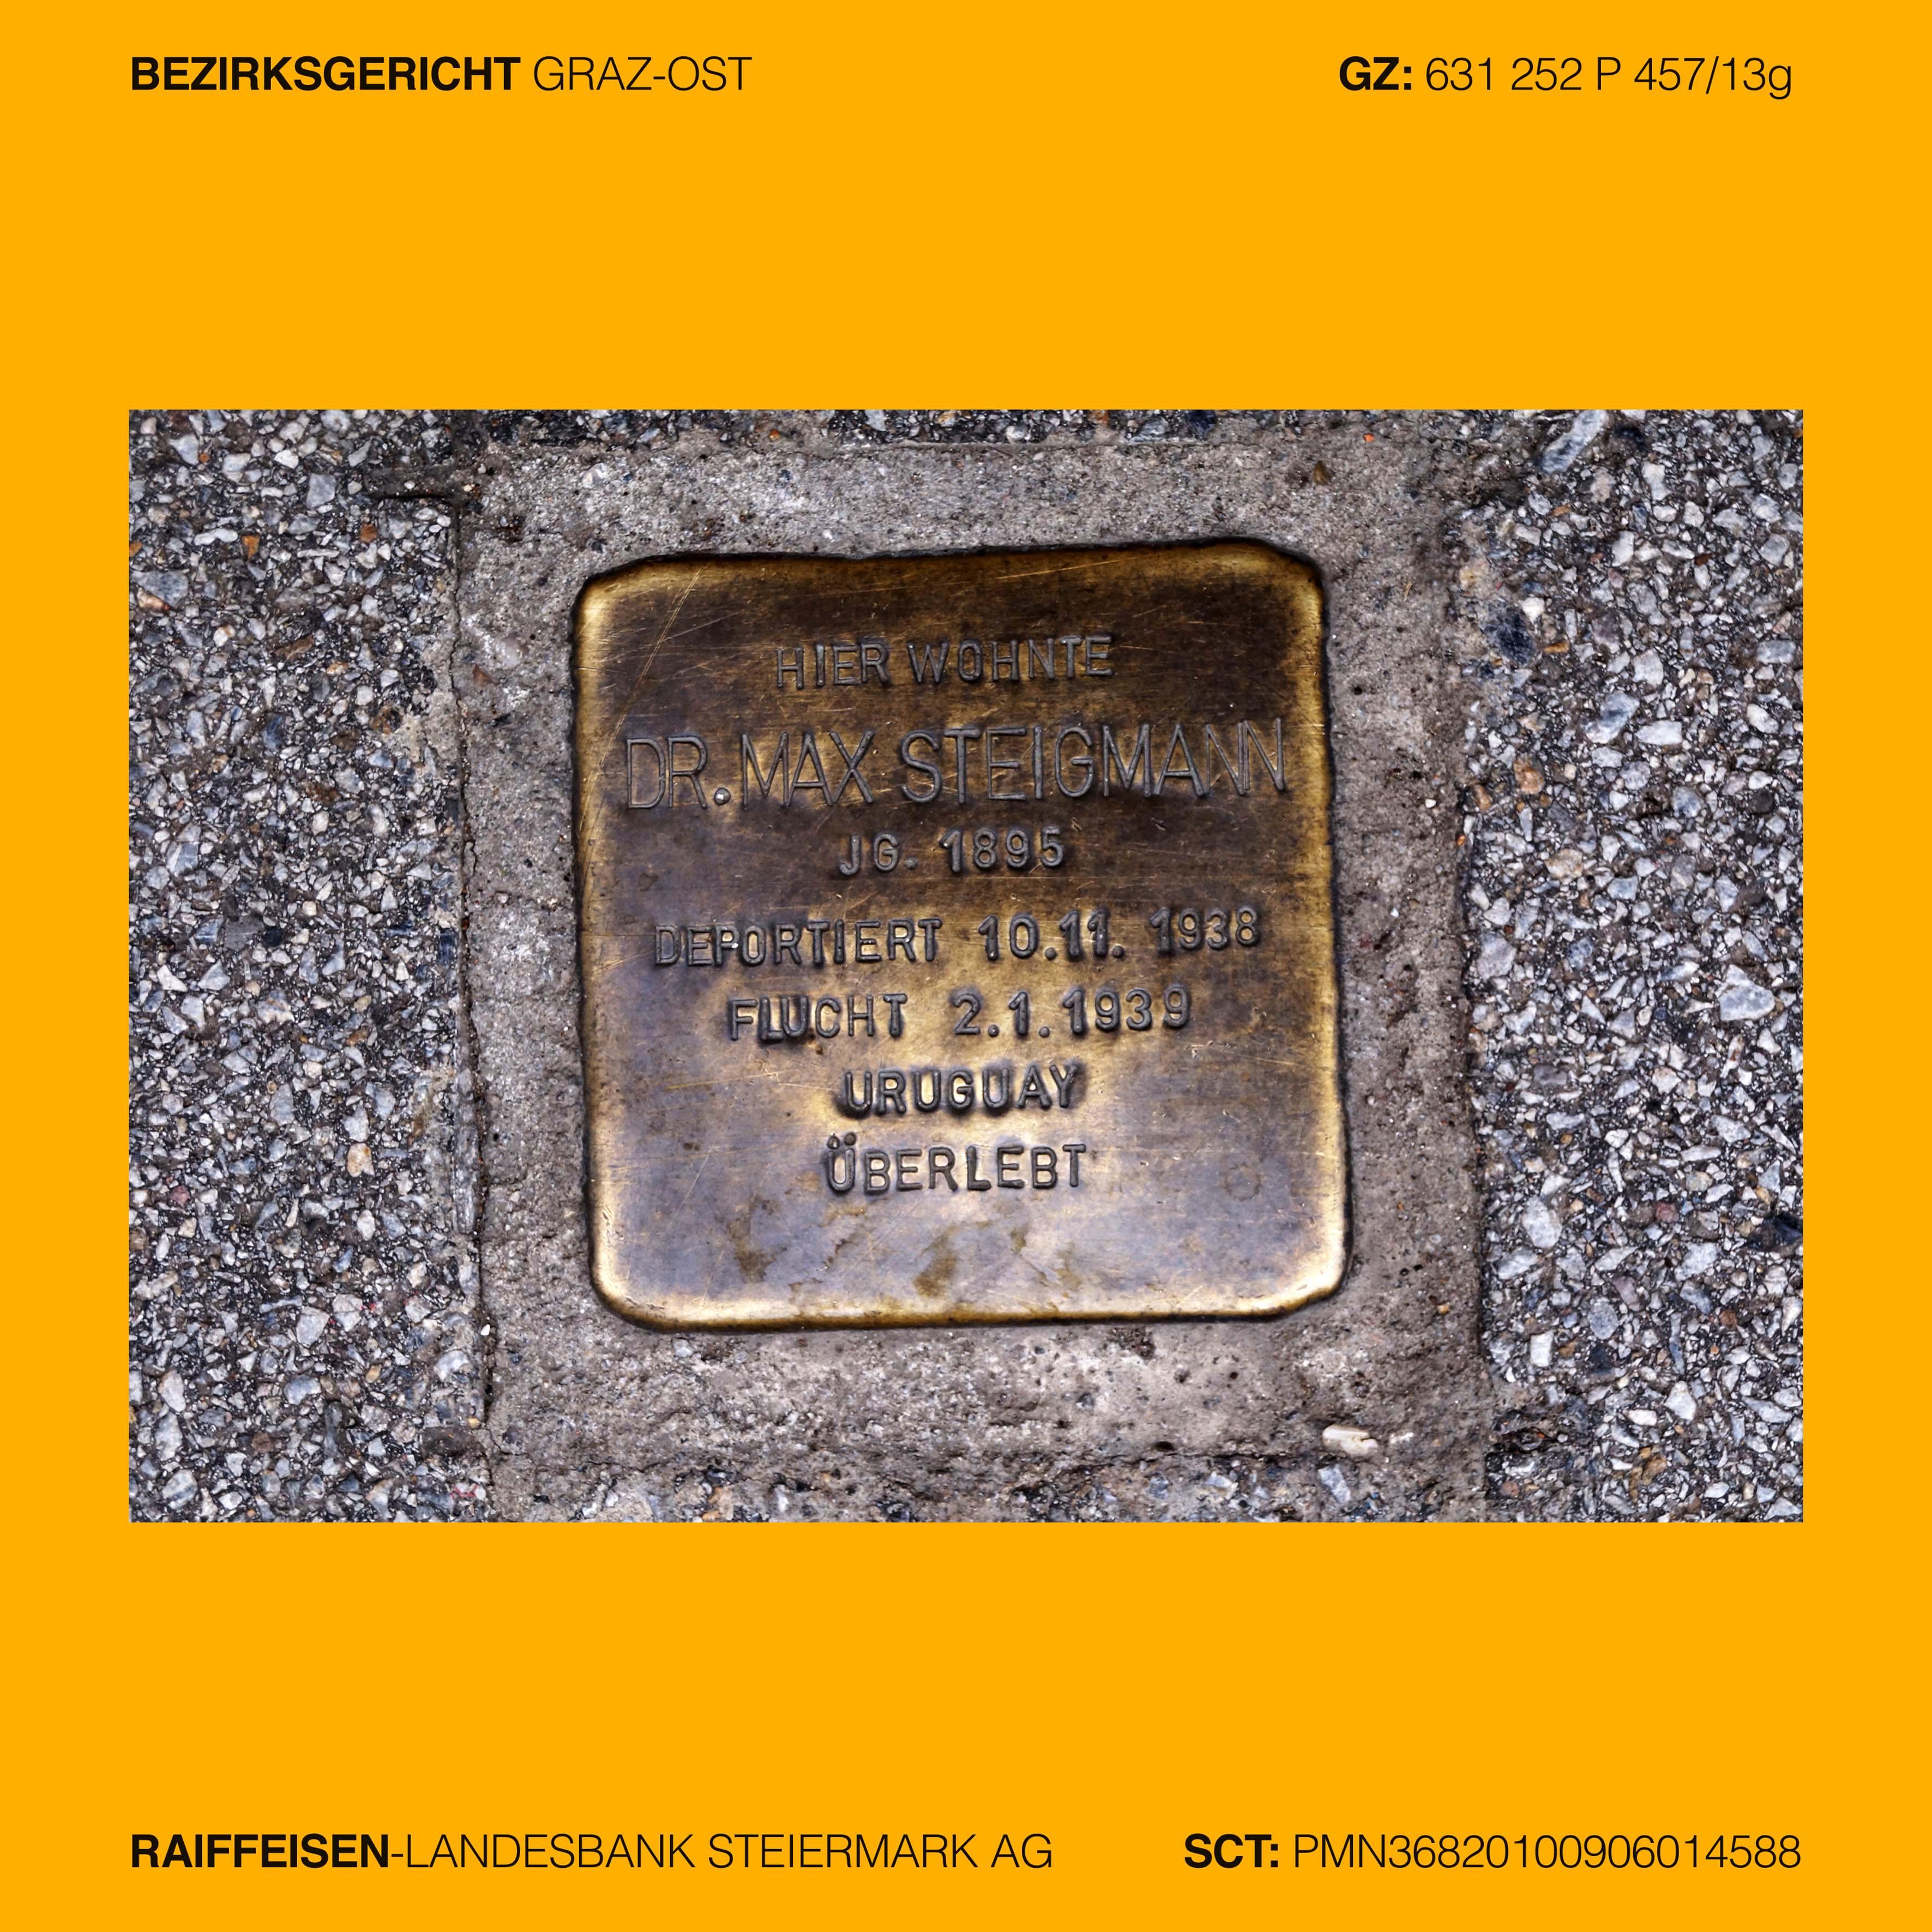 Mag. Ingrid Moschik: DR. MAX STEIGMANN, Jg. 1895, deportiert 1938 ...